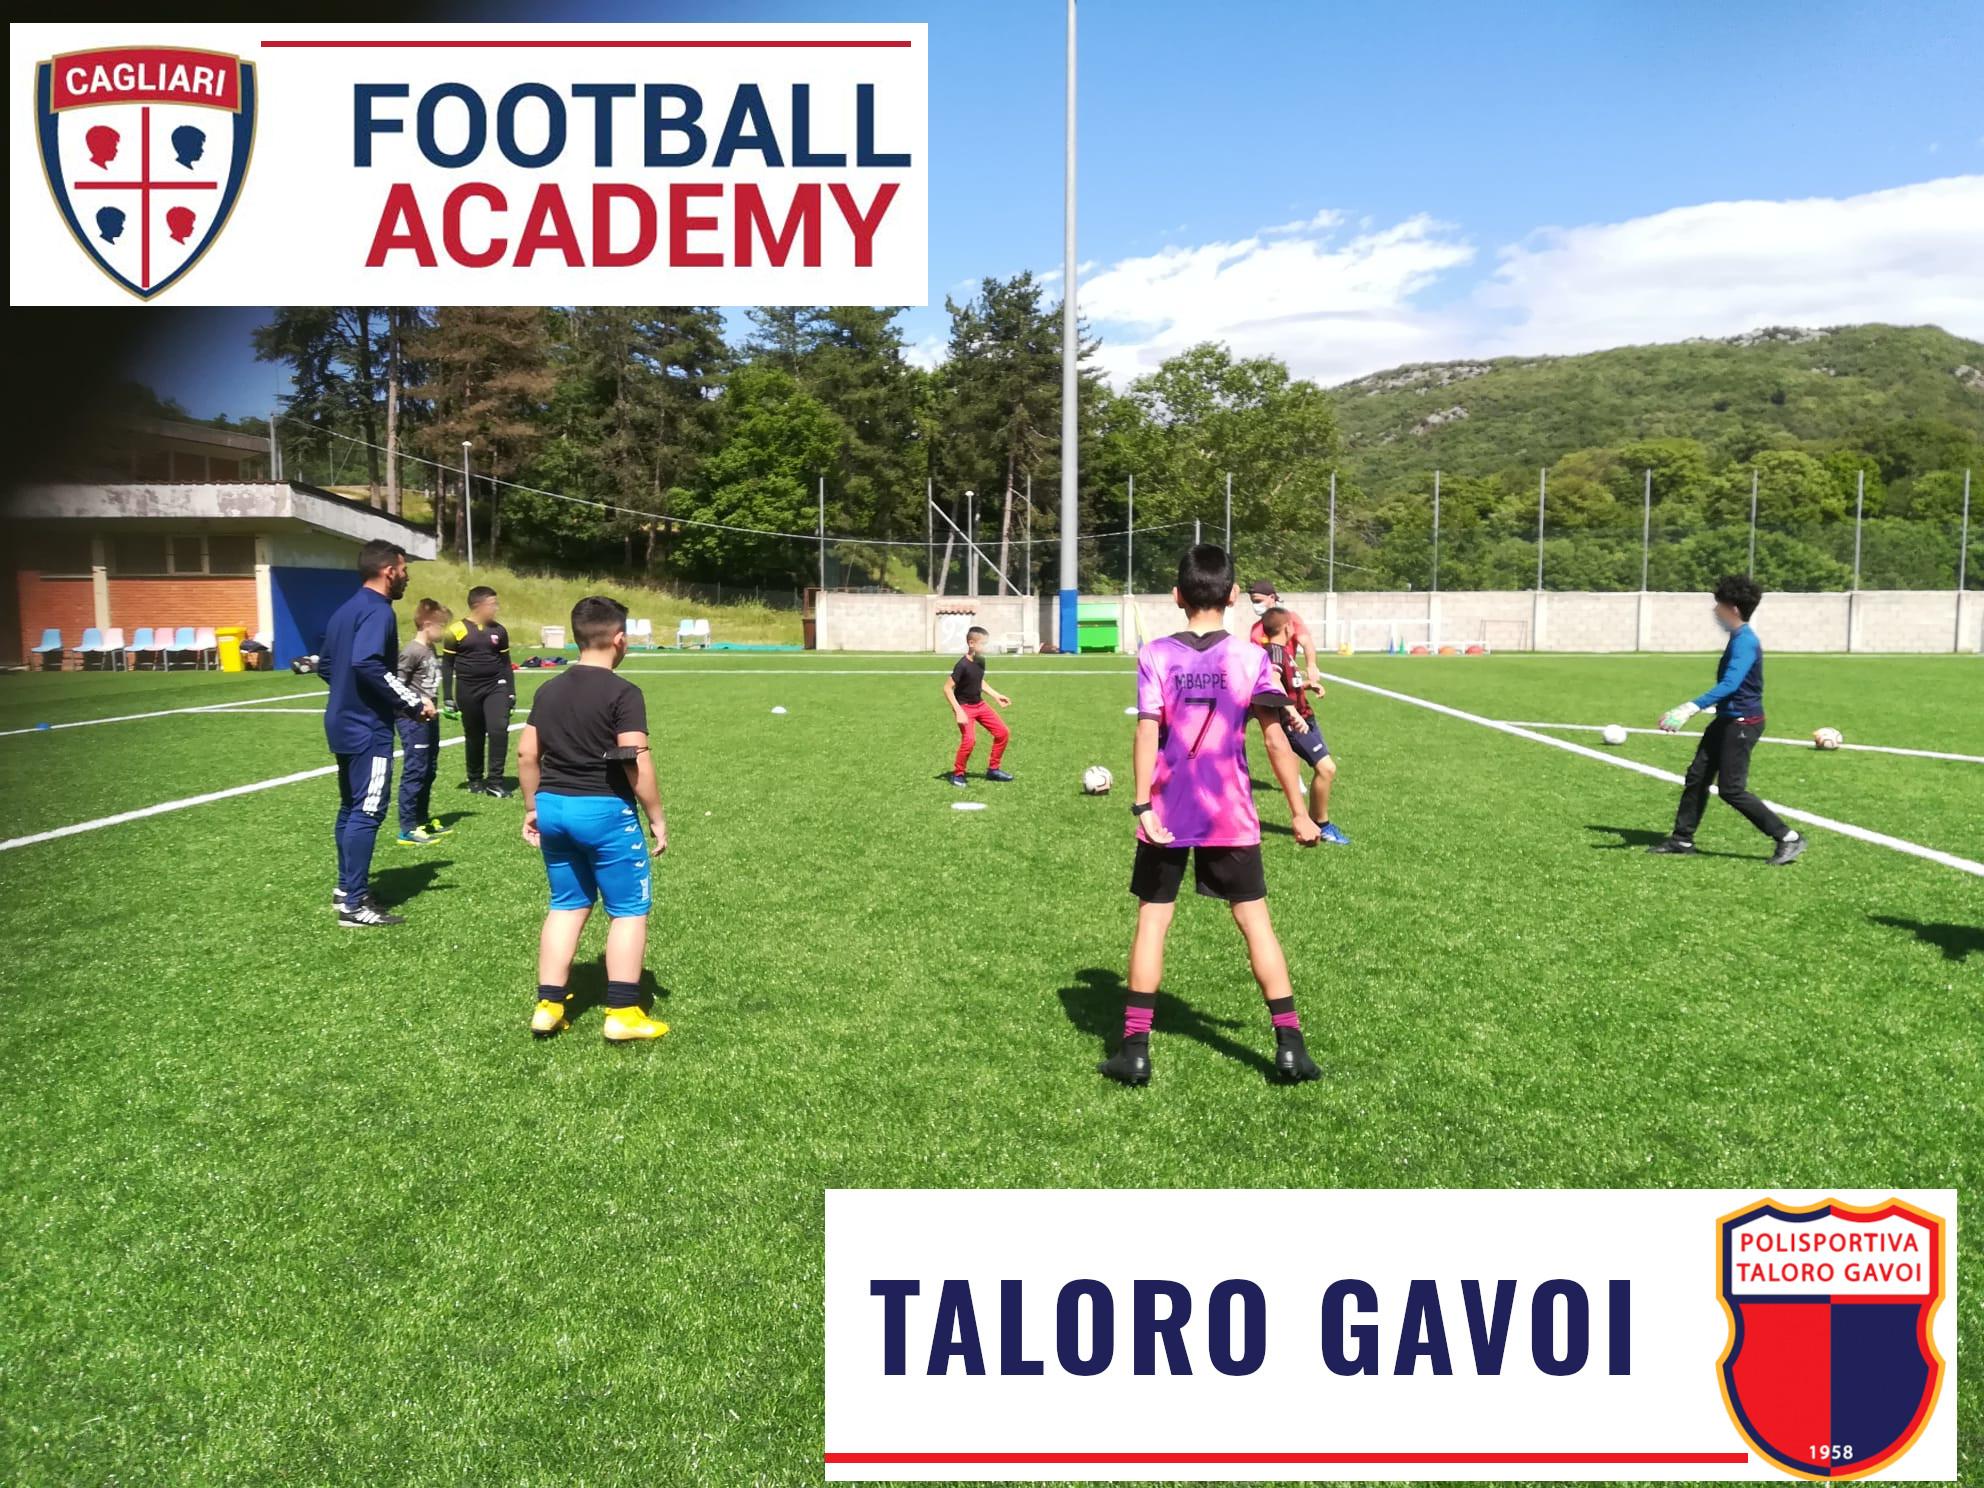 taloro-gavoi-football-academy